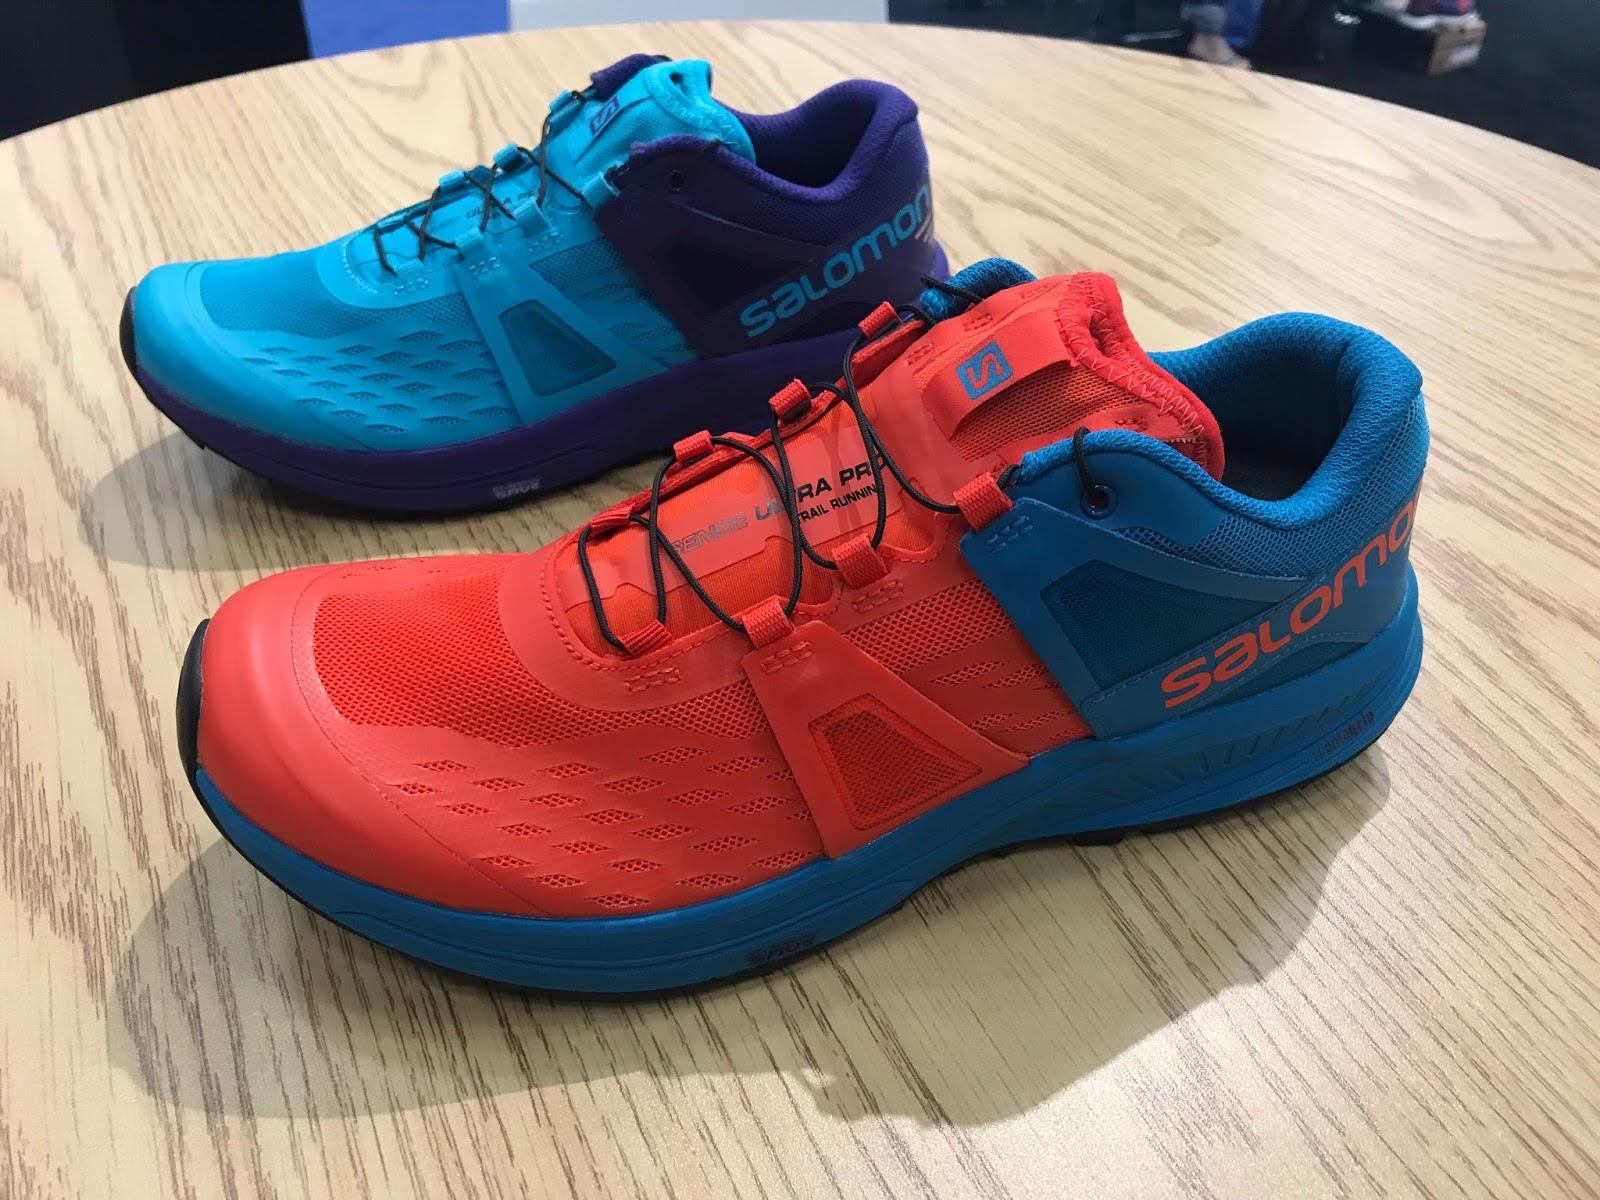 Salomon S Lab Shoes Review